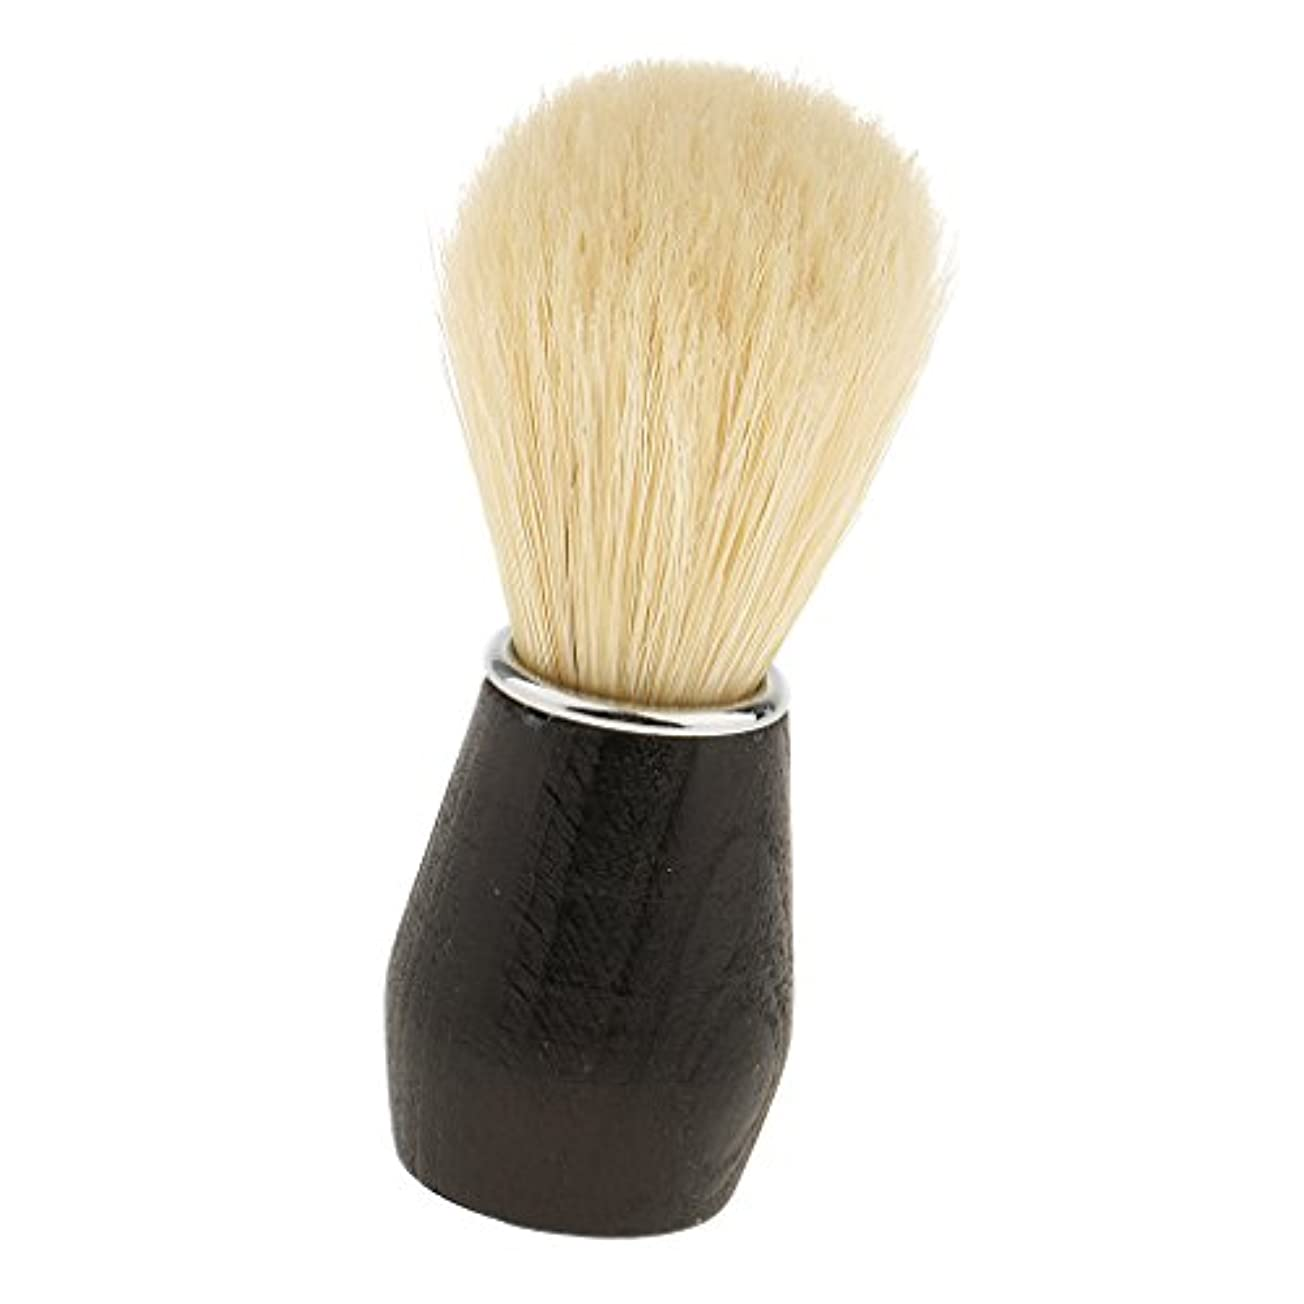 漁師囲む先駆者dailymall ひげ剃りブラシ シェービングブラシ メンズ 髭剃り プロフェッショナル ひげ剃り 美容ツール